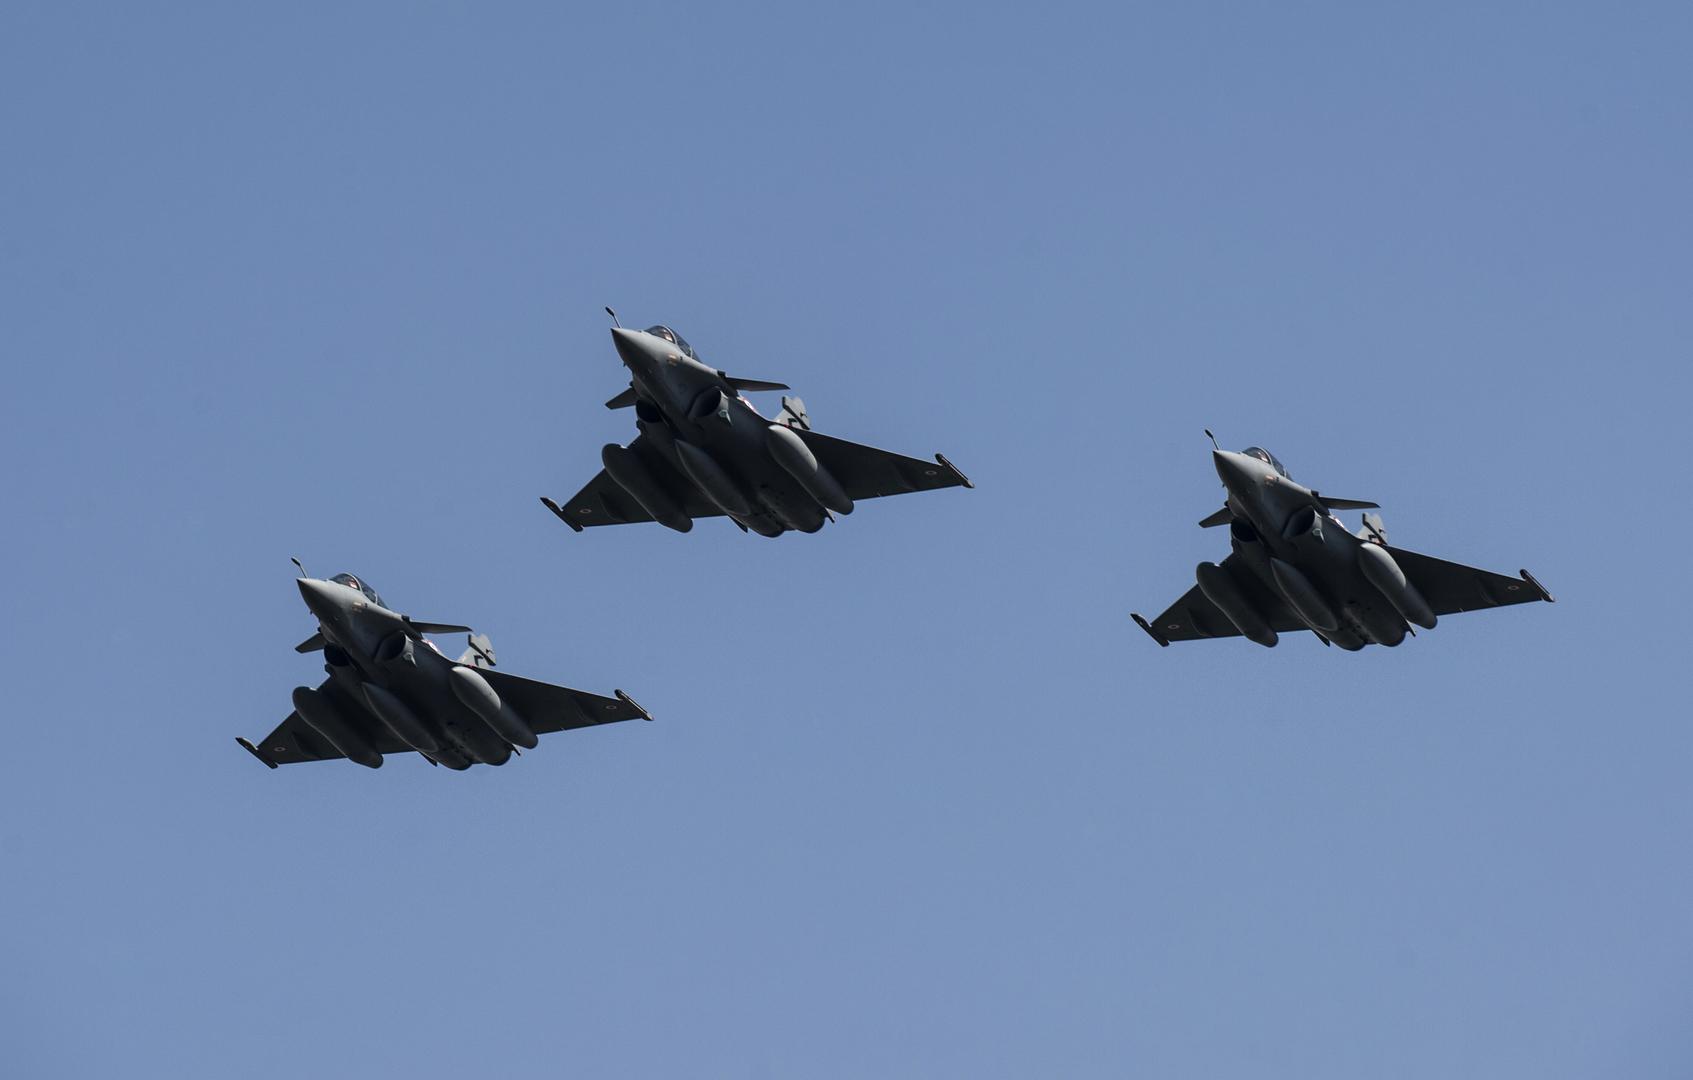 المقاتلات المصرية تدمر 21 عربة دفع رباعي على الحدود مع ليبيا